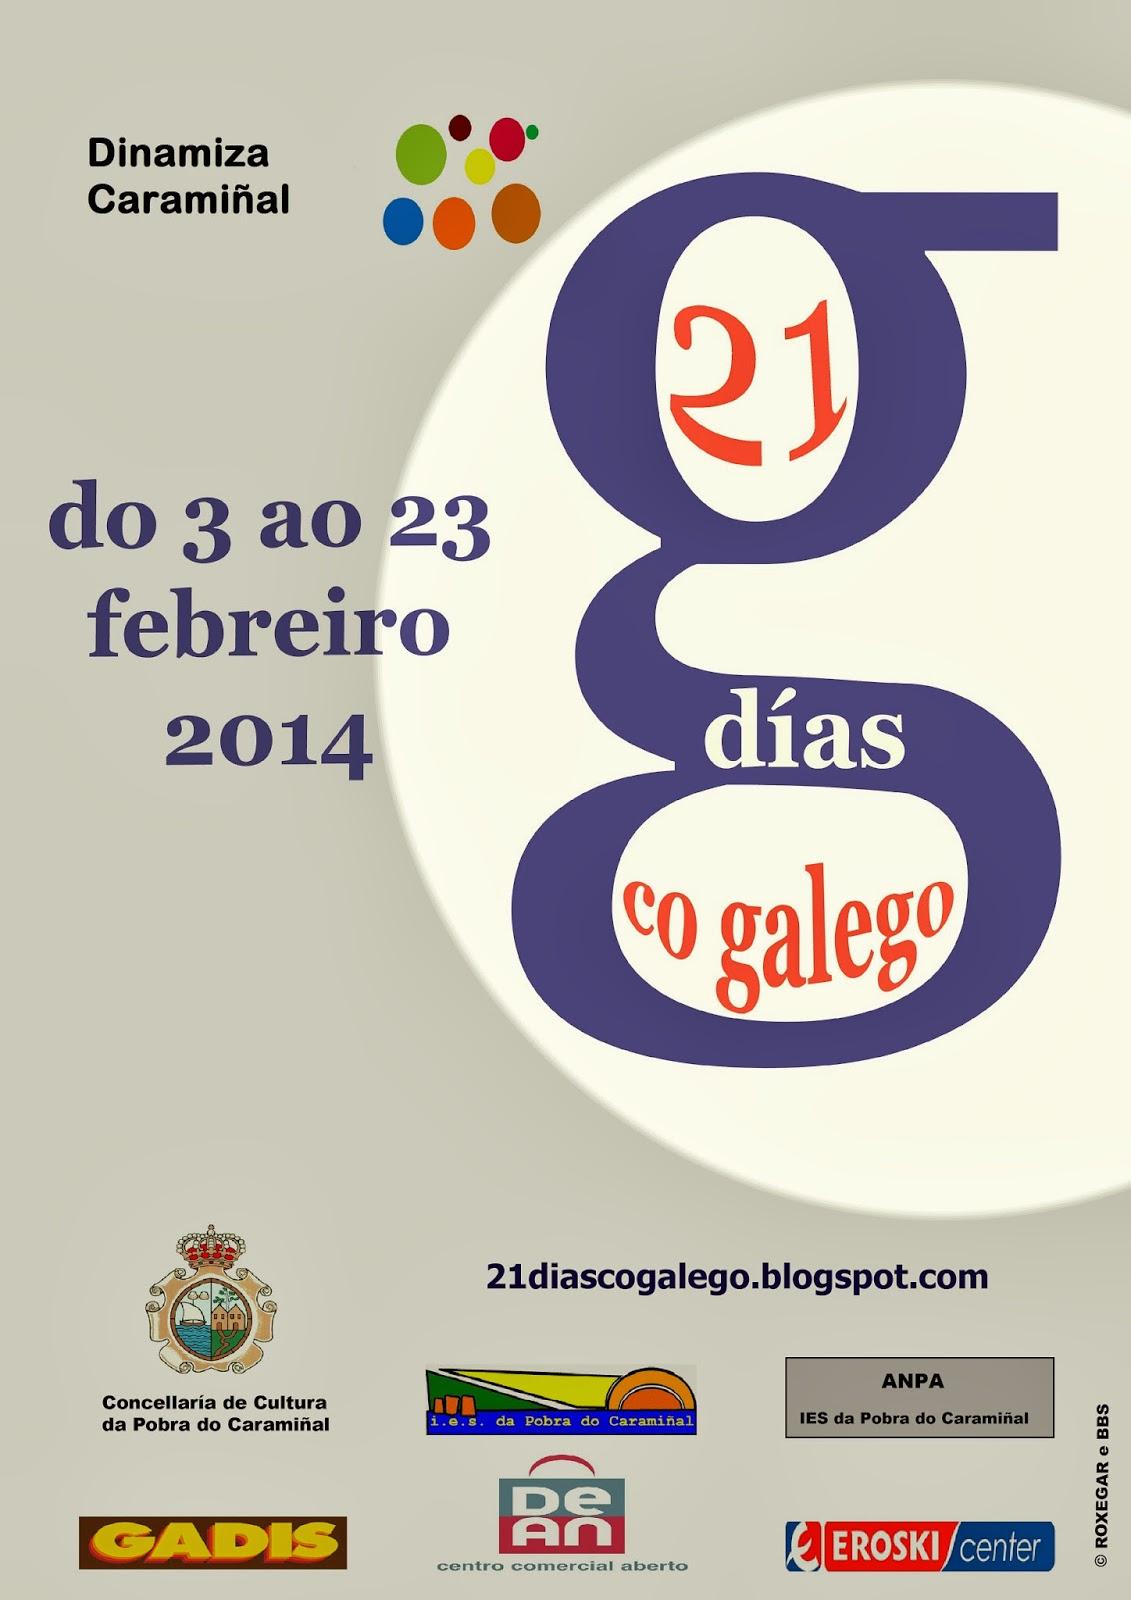 http://21diascogalego.blogspot.com.es